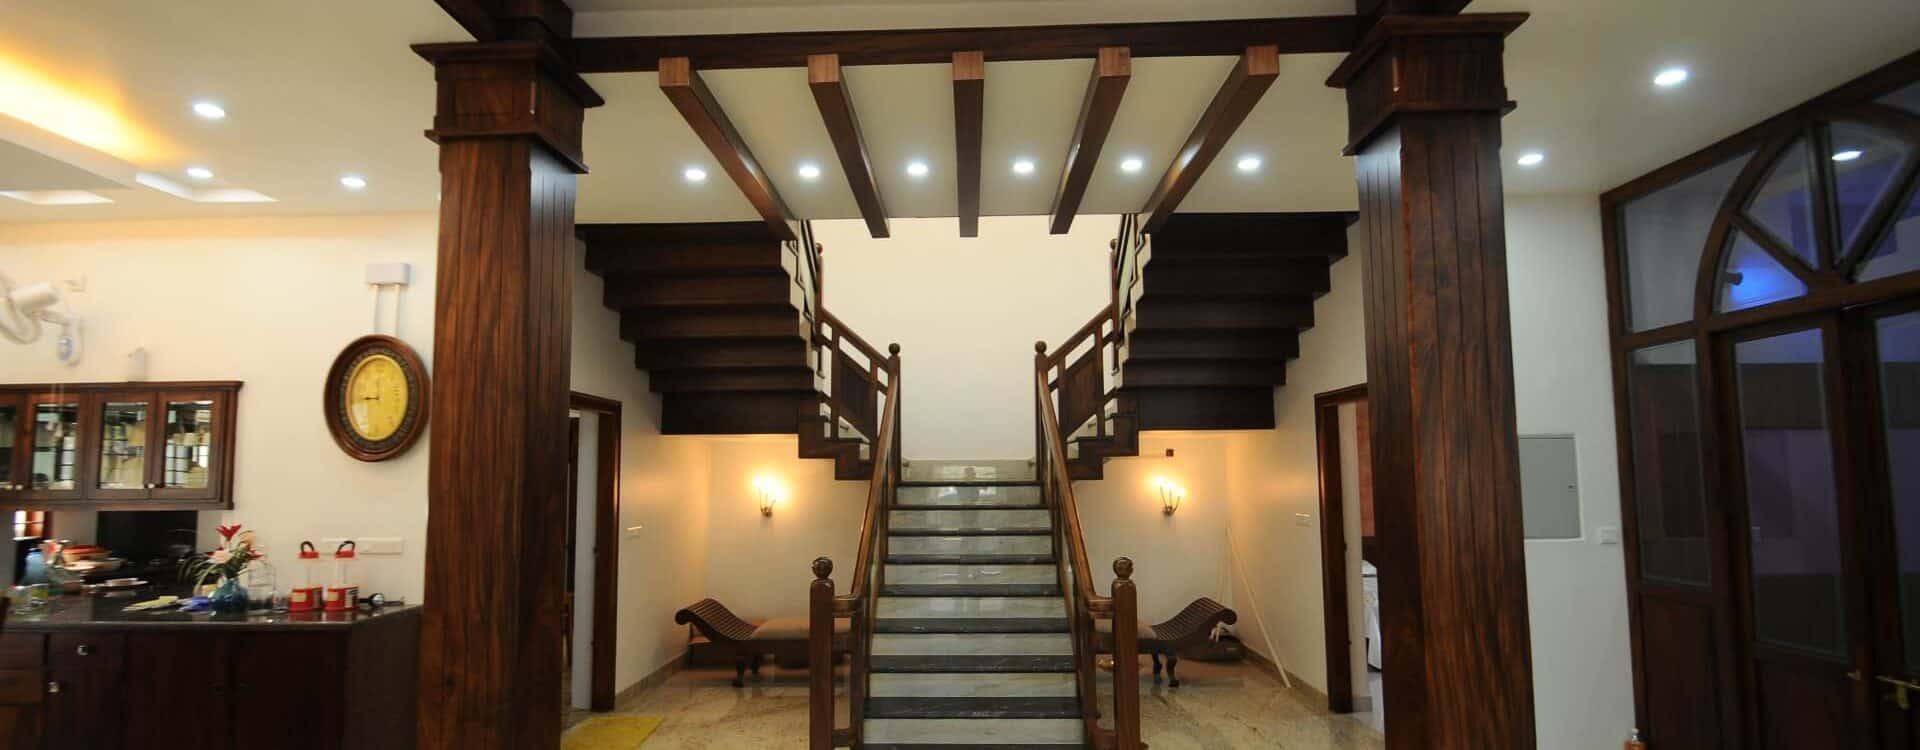 Mr. Joy 's Residence at Mala Karkala